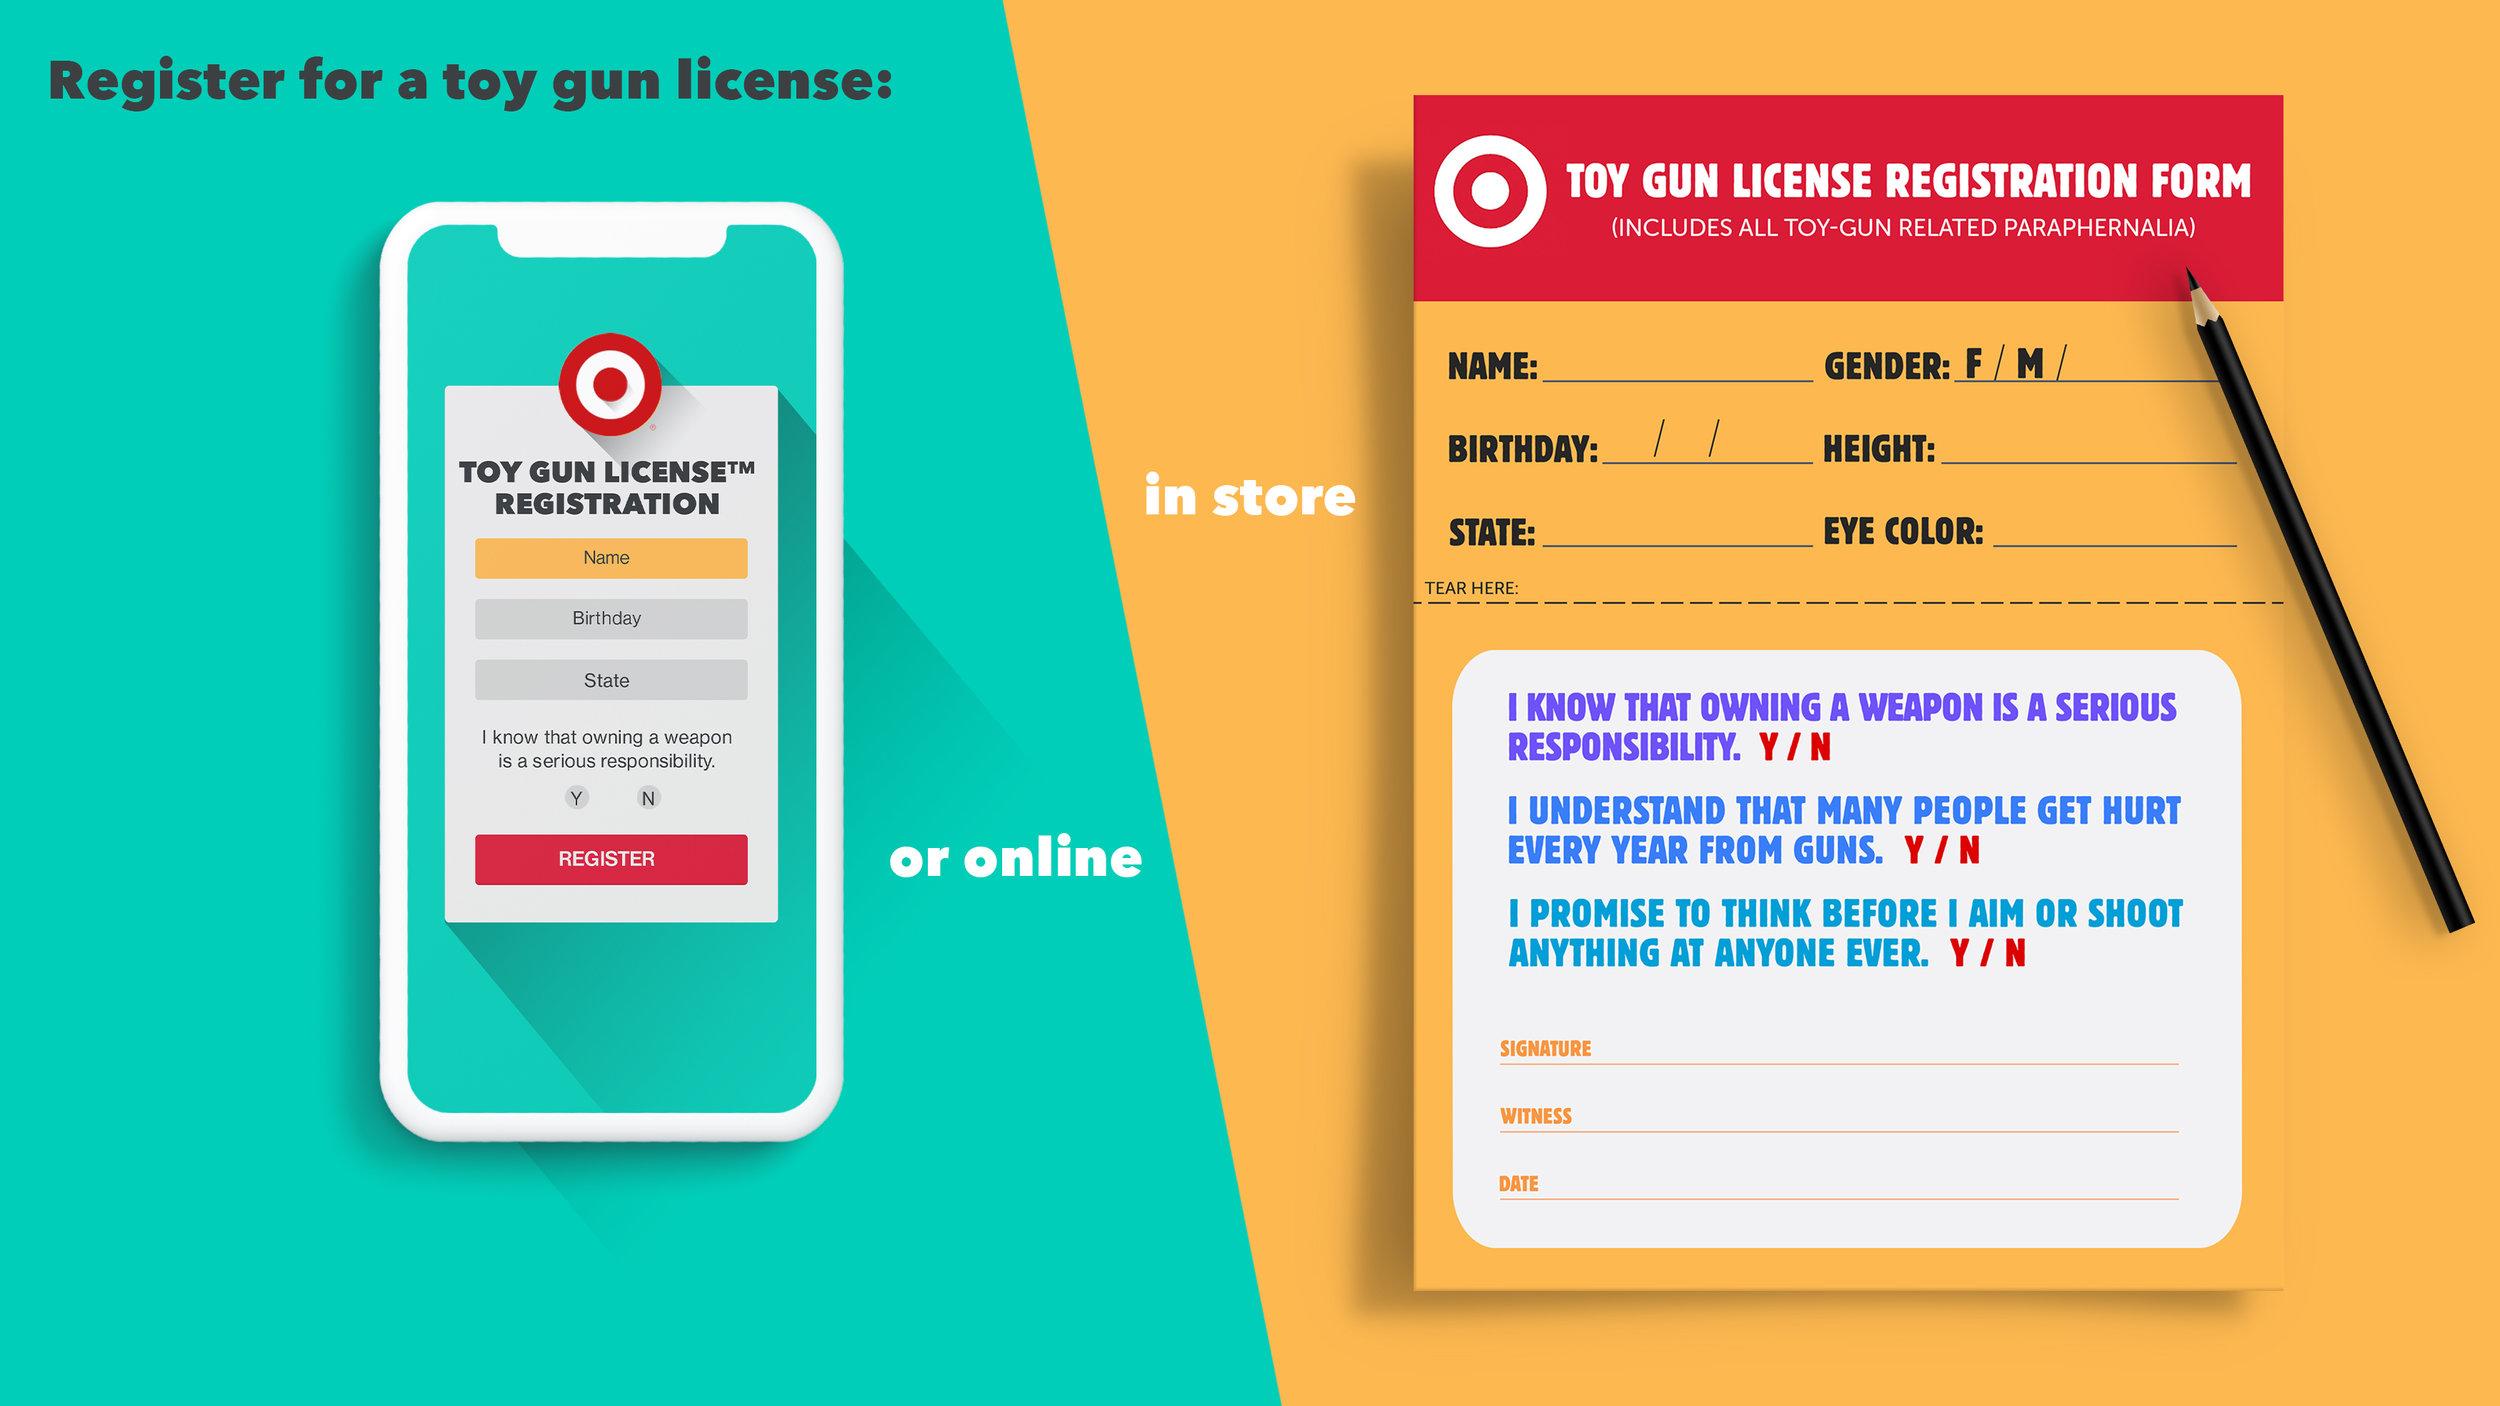 License+Registration+Form12.jpg